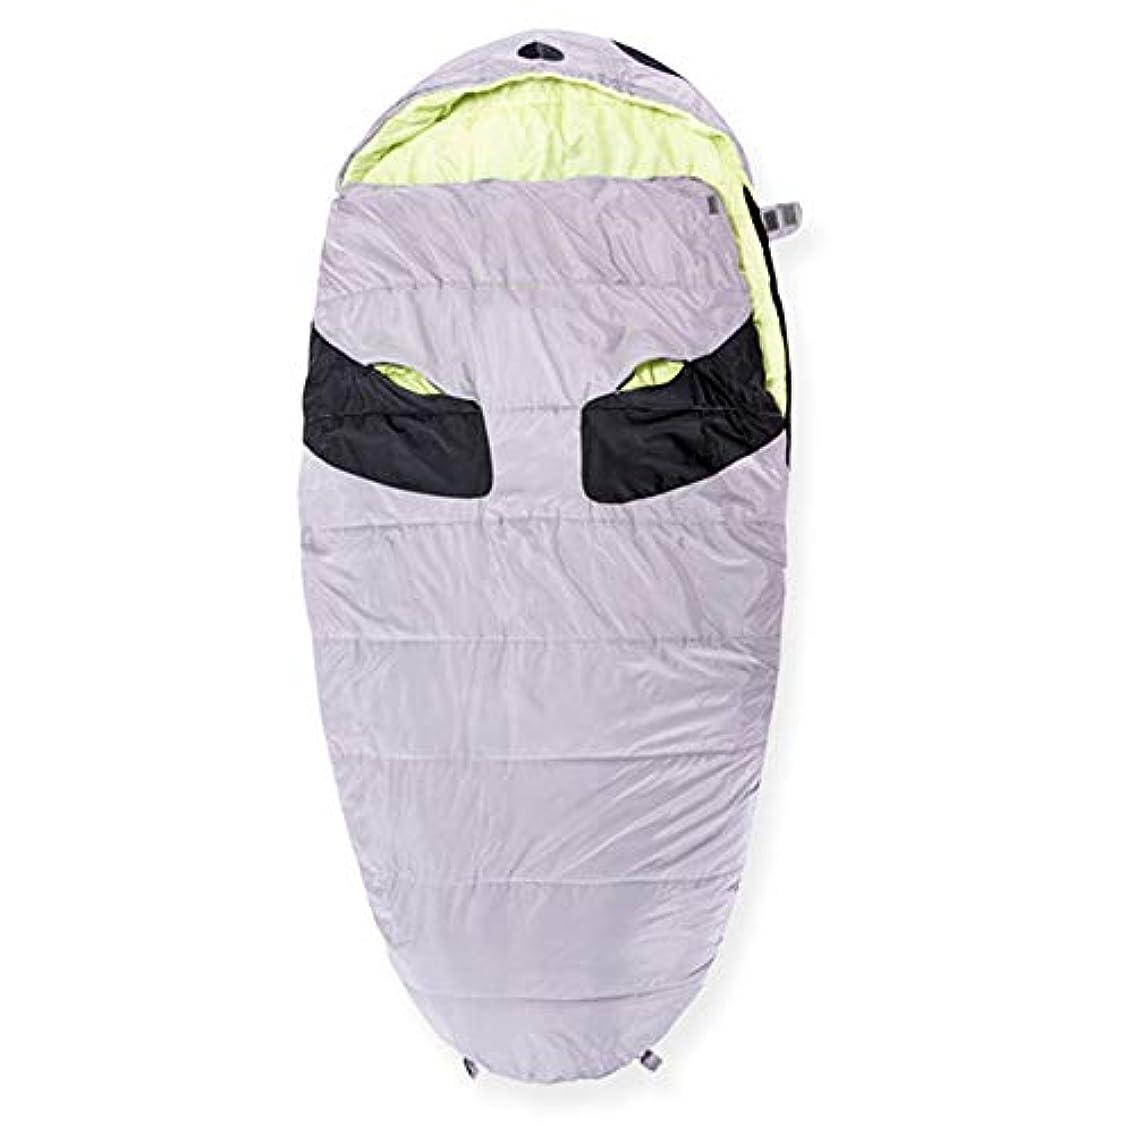 睡眠モディッシュ出版寝袋 冬用 コンパクト 軽量 封筒型 ケーキ形 肥厚 収納袋付き 最低使用温度 -10度